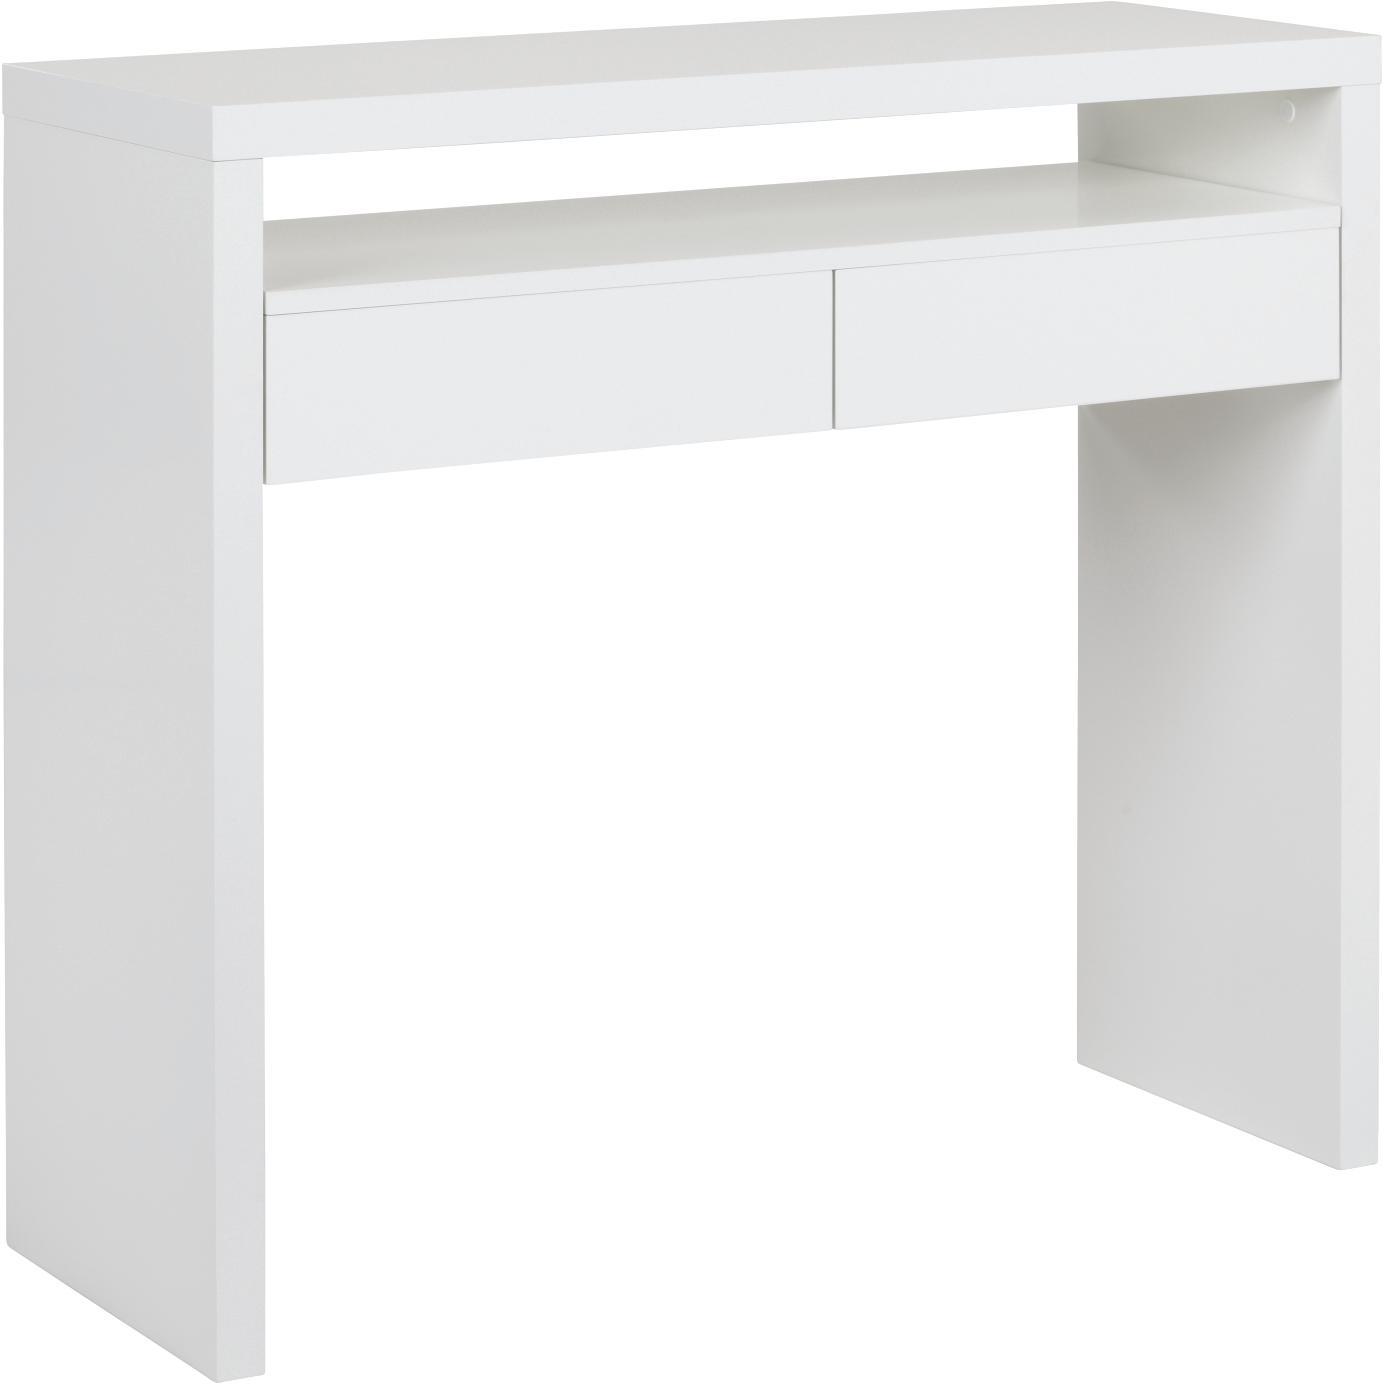 Wąskie biurko z wysuwanym blatem Teresa, Płyta wiórowa z powłoką melaminową (MFC), płyta pilśniowa średniej gęstości (MDF), Biały, S 100 x G 36 cm